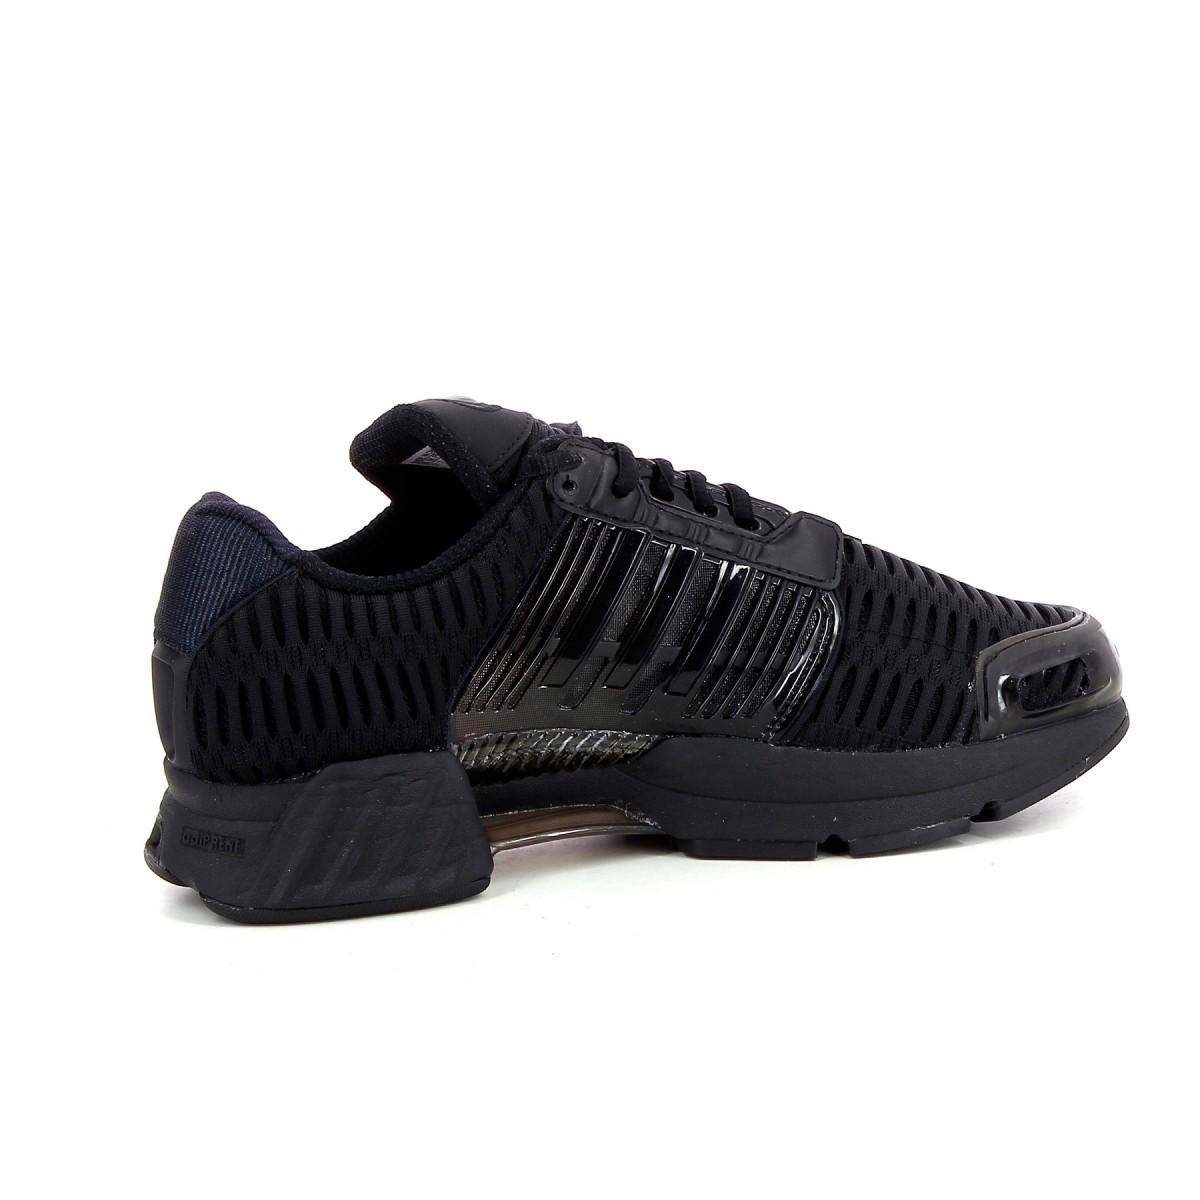 Adidas Adidas Climacool Chaussure Climacool Chaussure Chaussure Climacool Climacool Adidas Chaussure Adidas OvN0y8nmw